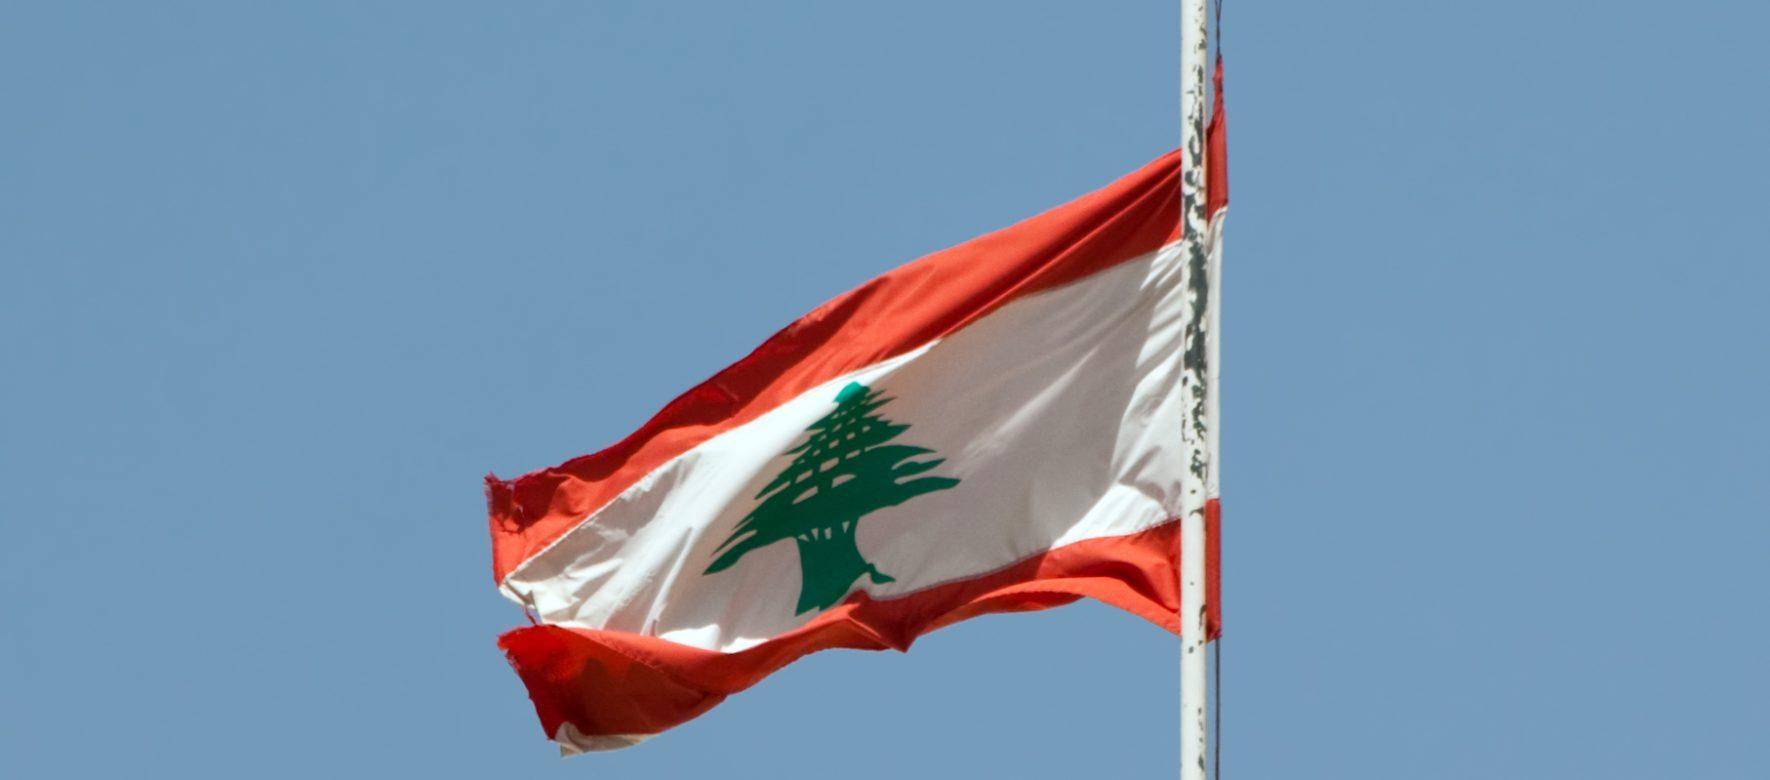 L'économie libanaise émet des signaux négatifs